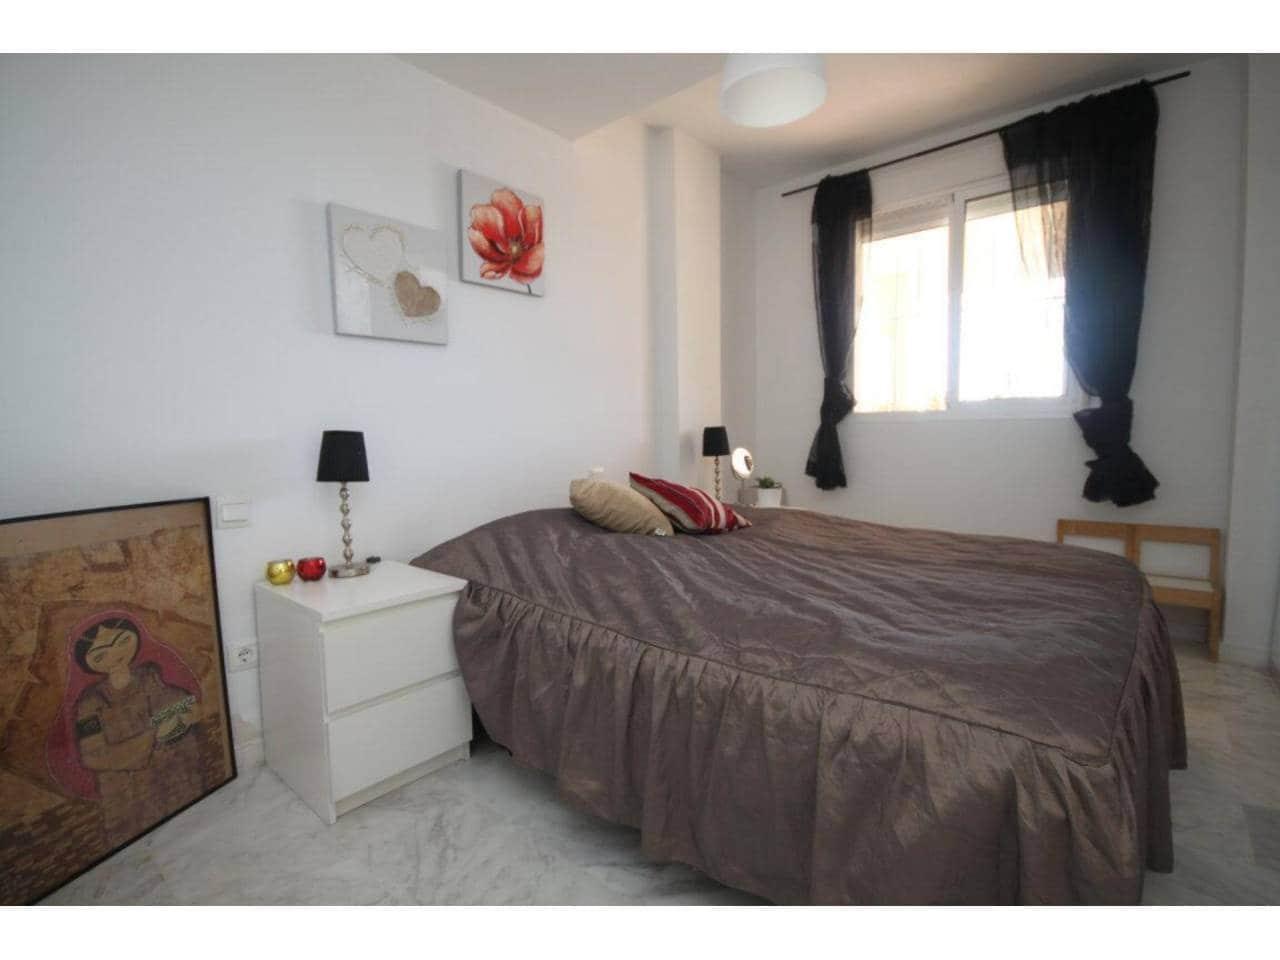 2 bedroom Flat for sale in Benalmadena - € 168,000 (Ref: 5111248)